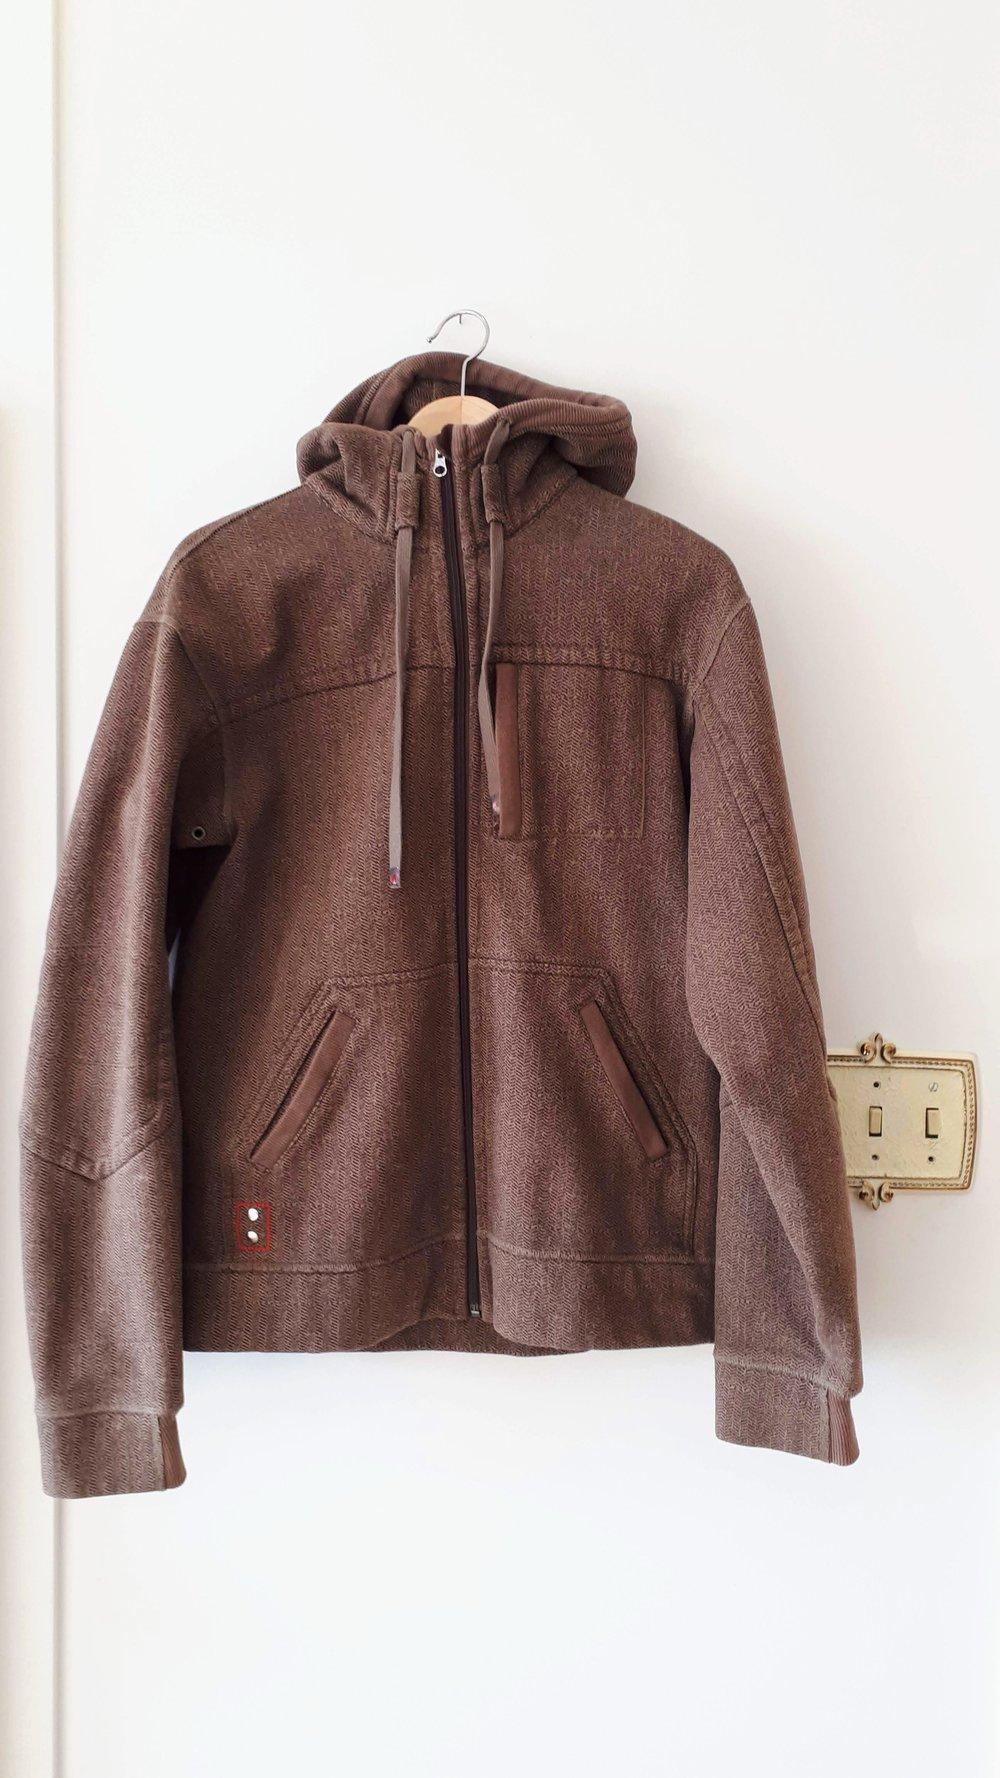 Lululemon mens jacket; Size M, $48